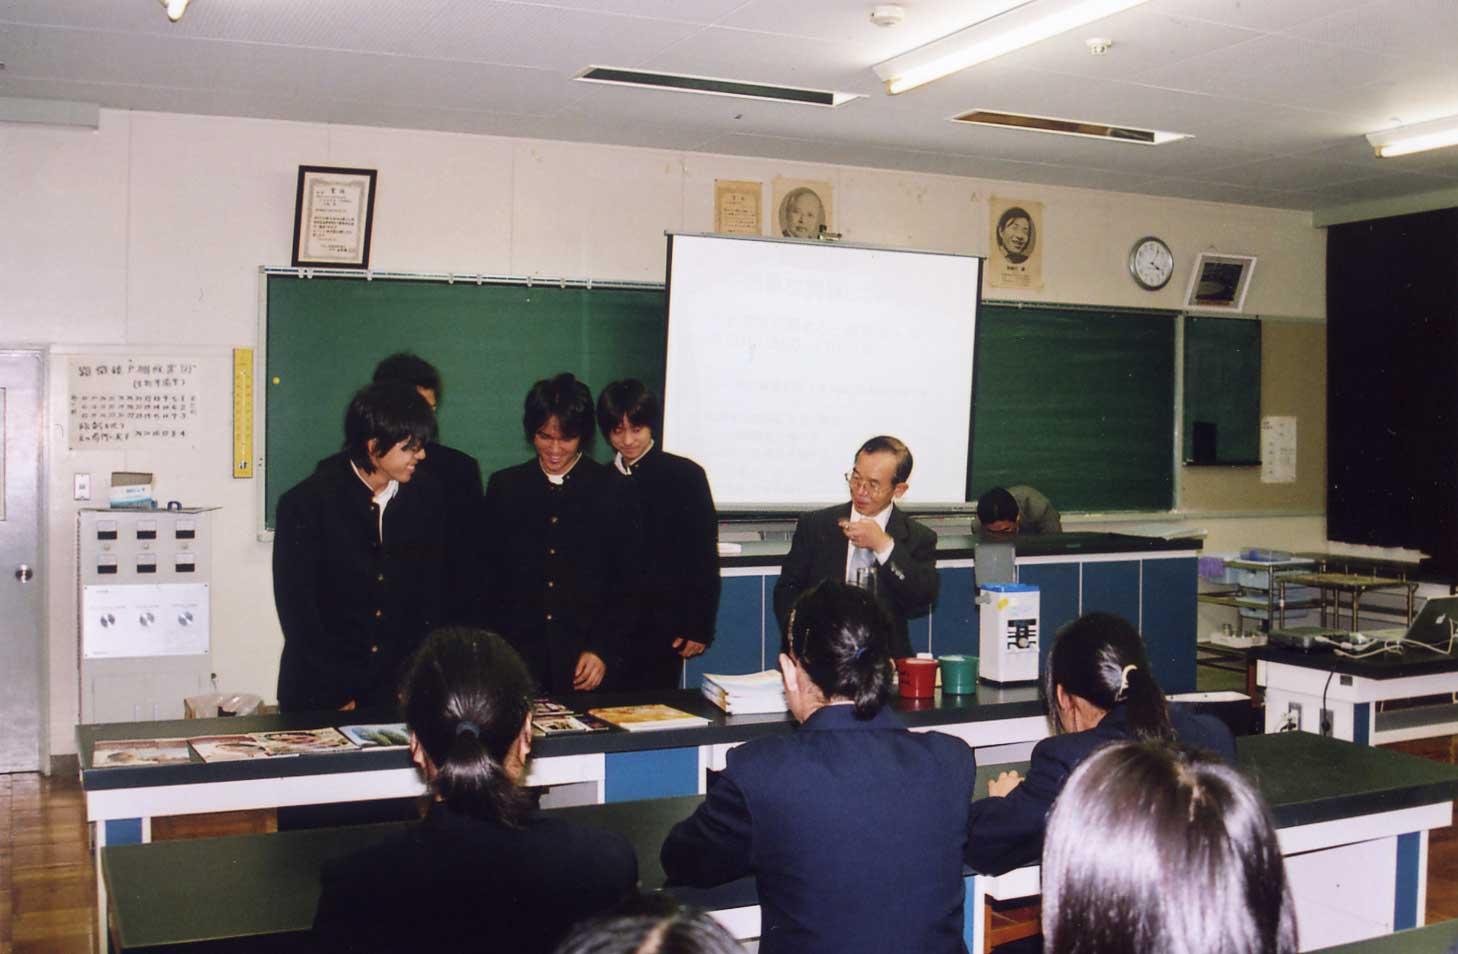 鈴木さんの授業の様子